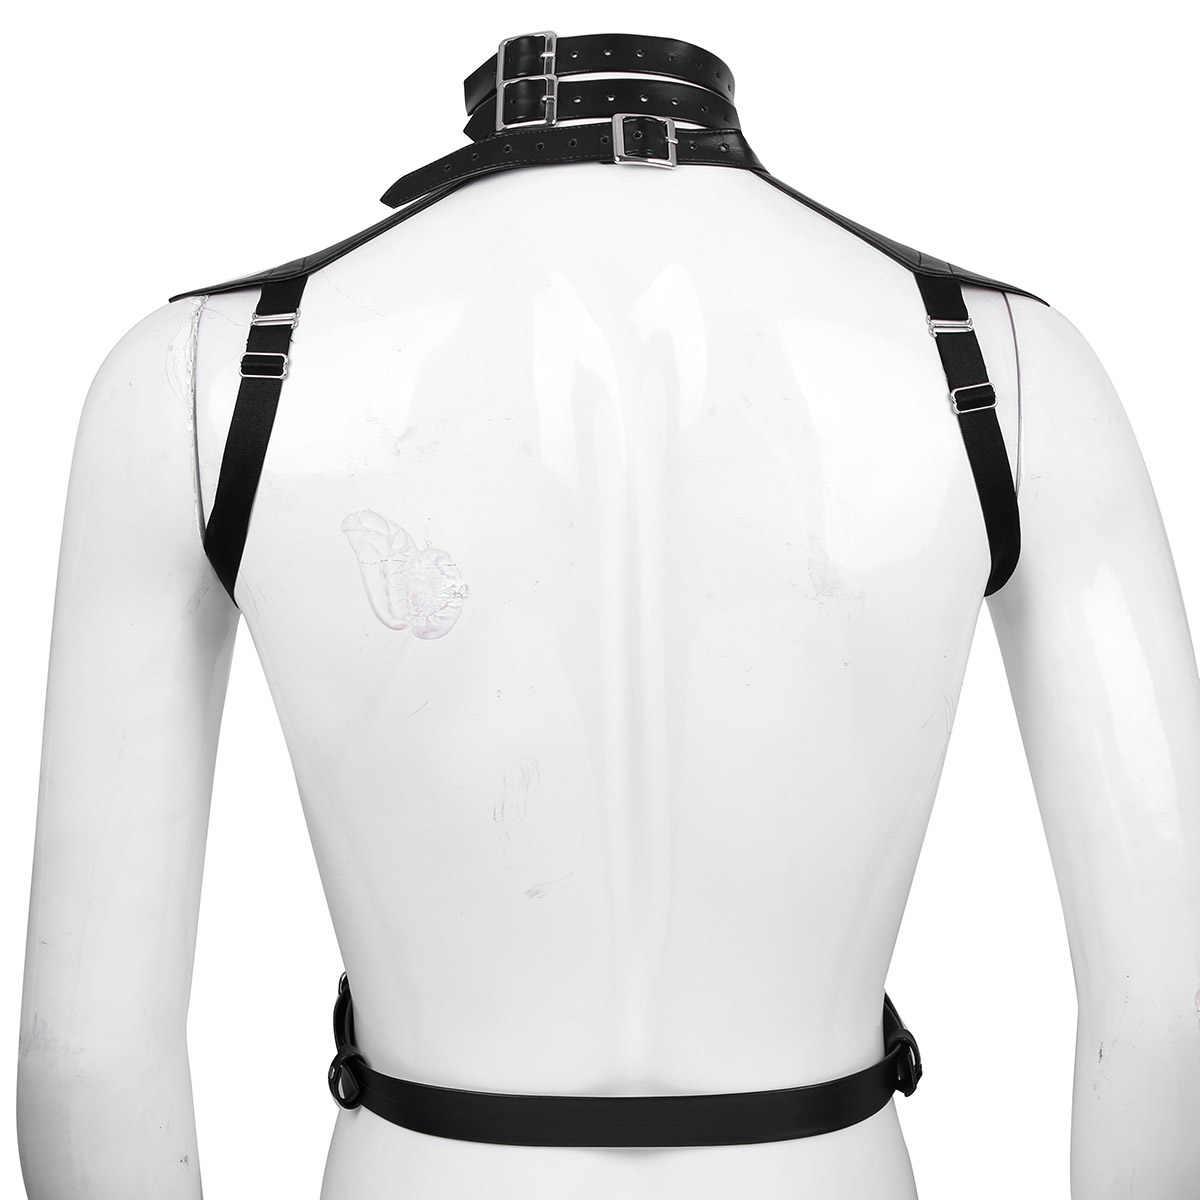 Для мужчин s жгут искусственная кожа жгут для мужчин БДСМ бондаж гей Arnes Hombre регулируемые пряжки нагрудный ремень для тела ремень необычный костюм